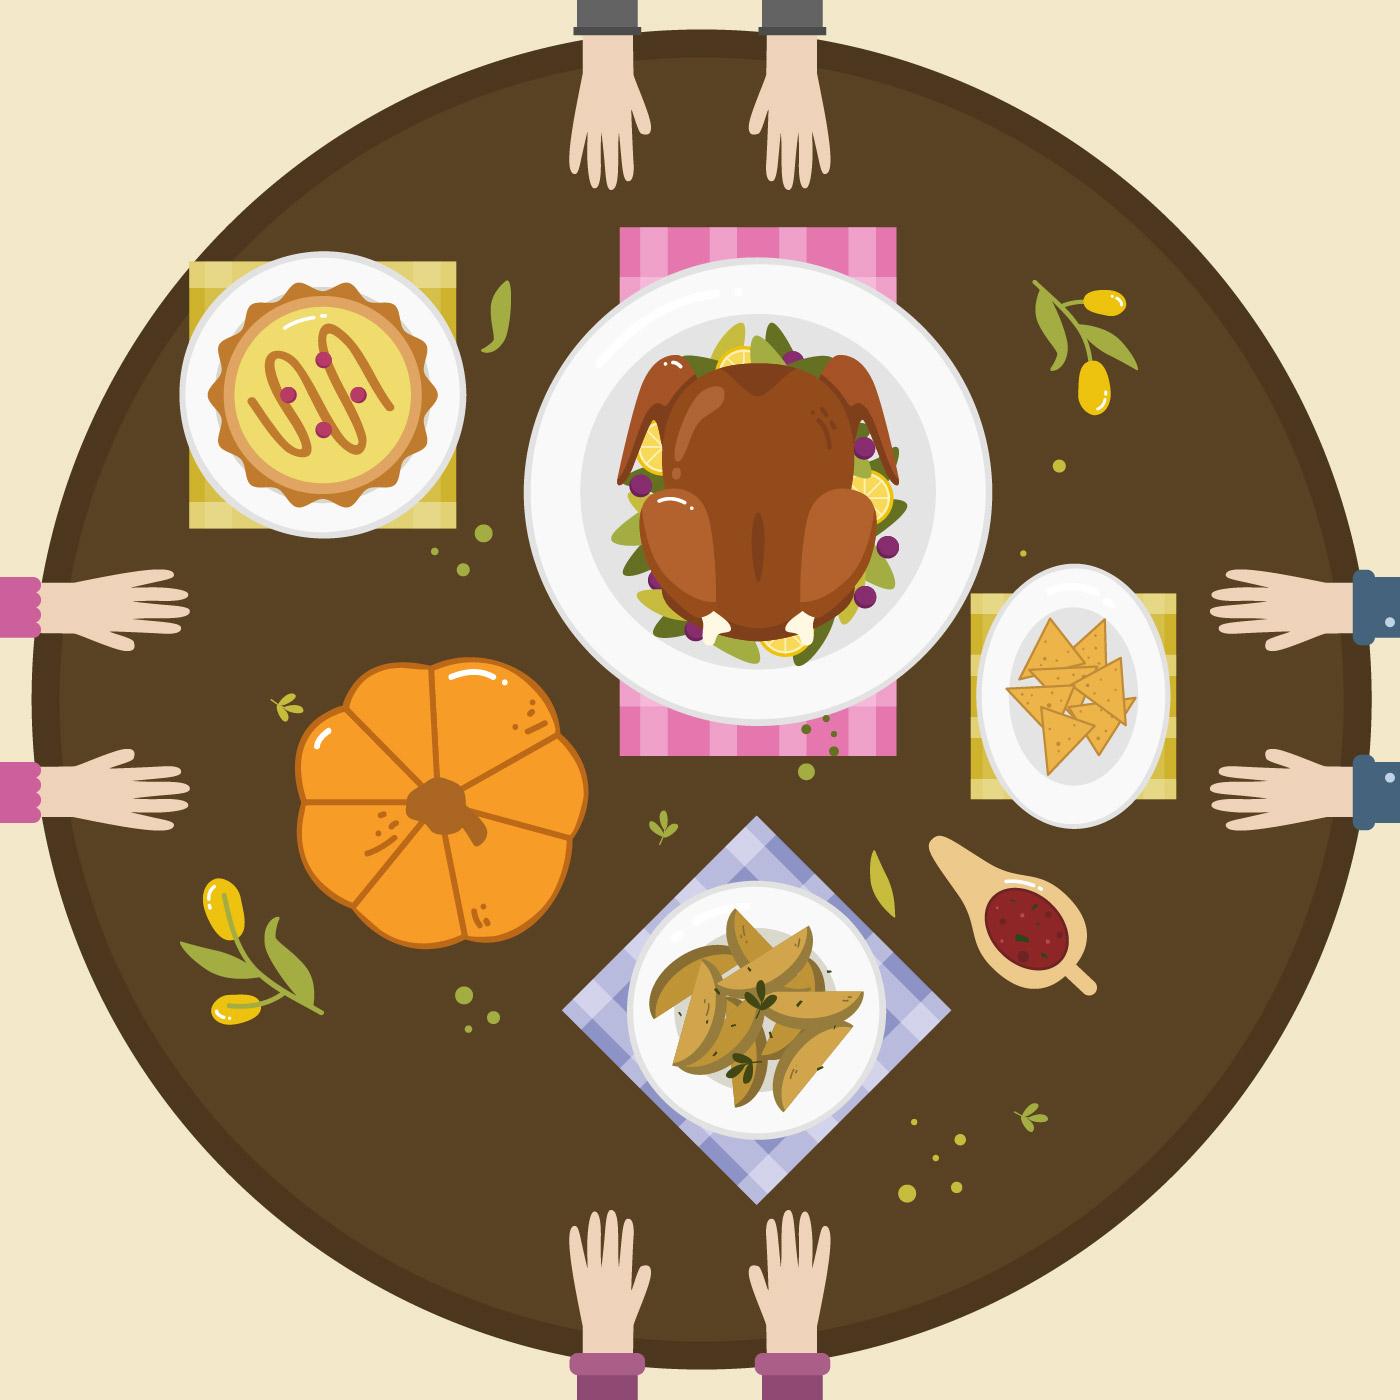 晚餐圖貼 免費下載   天天瘋後製